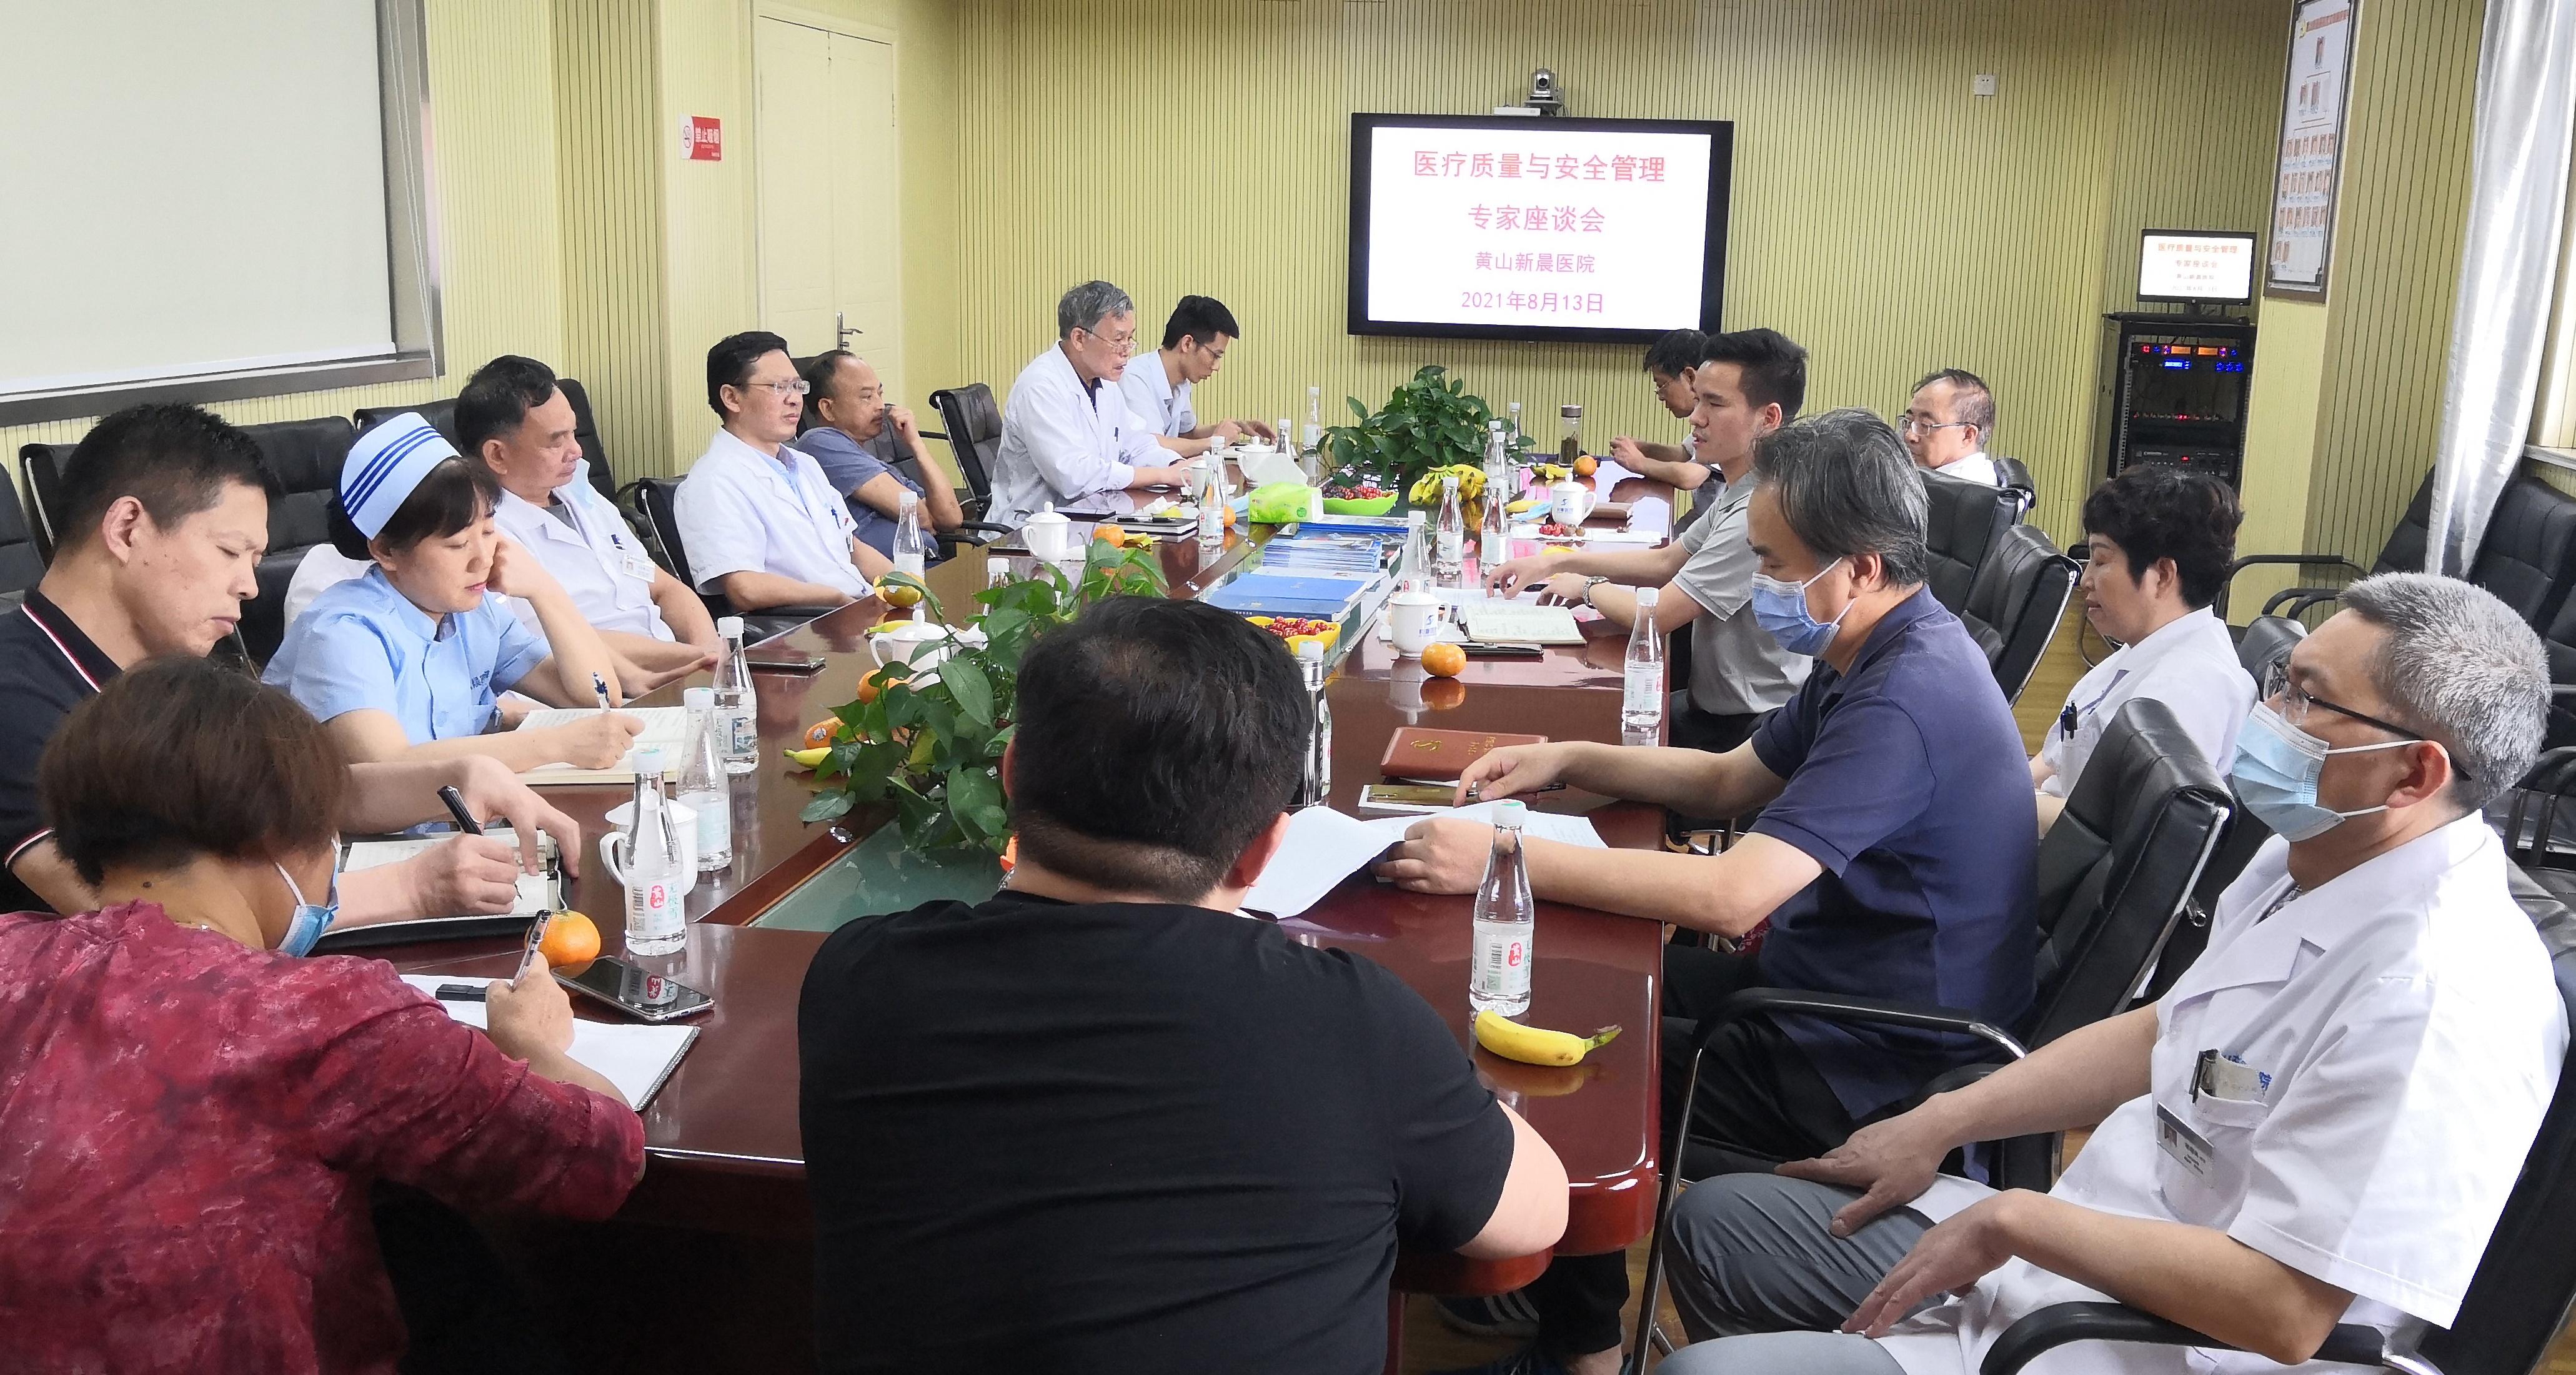 【致敬医师节】黄山新晨医院开展丰富多彩的医师节系列活动